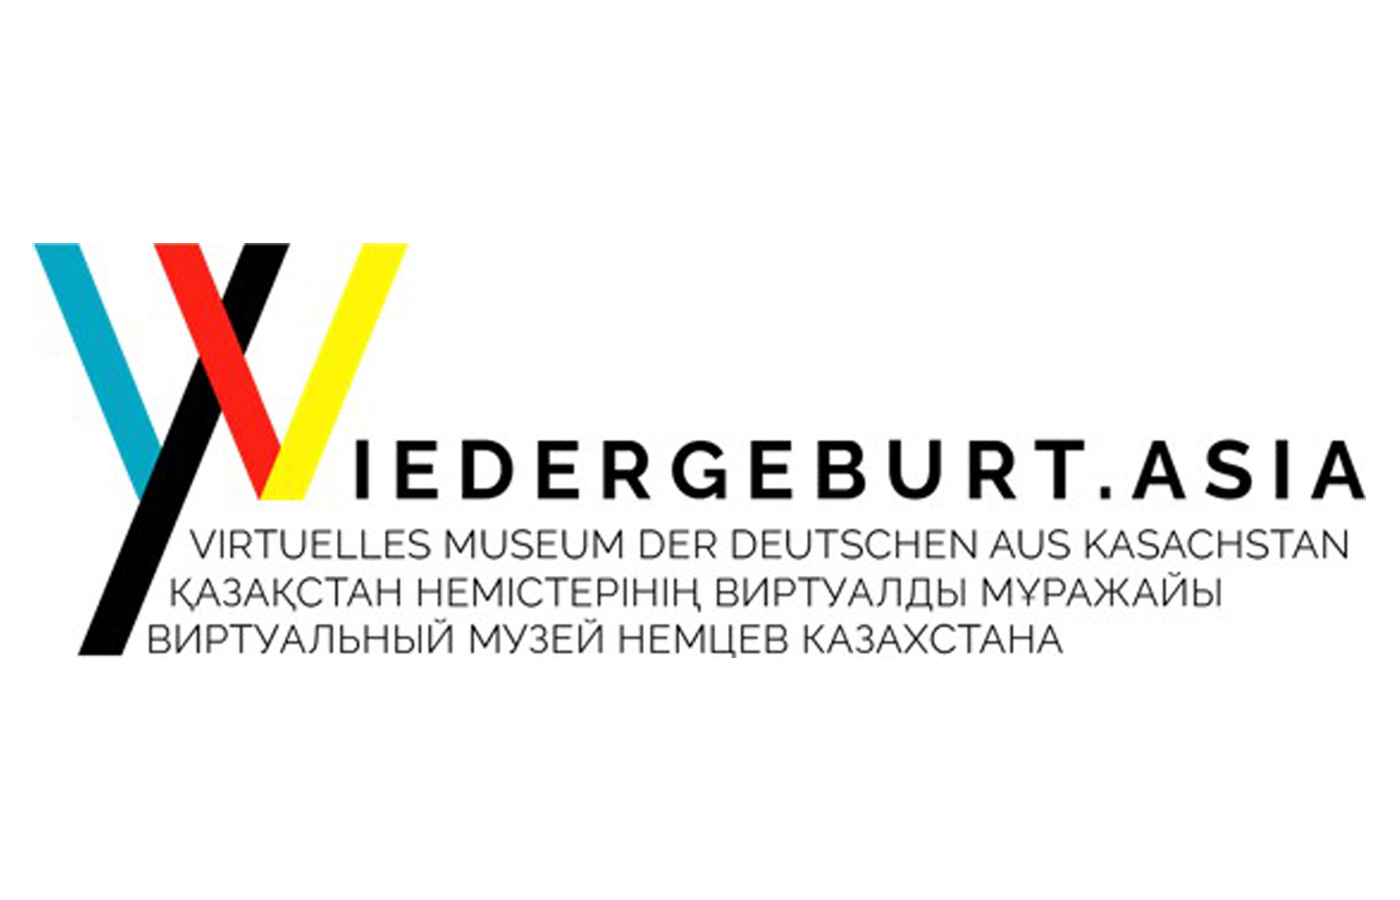 Das Virtuelle Museum der Deutschen Kasachstans: Upgrade 2020